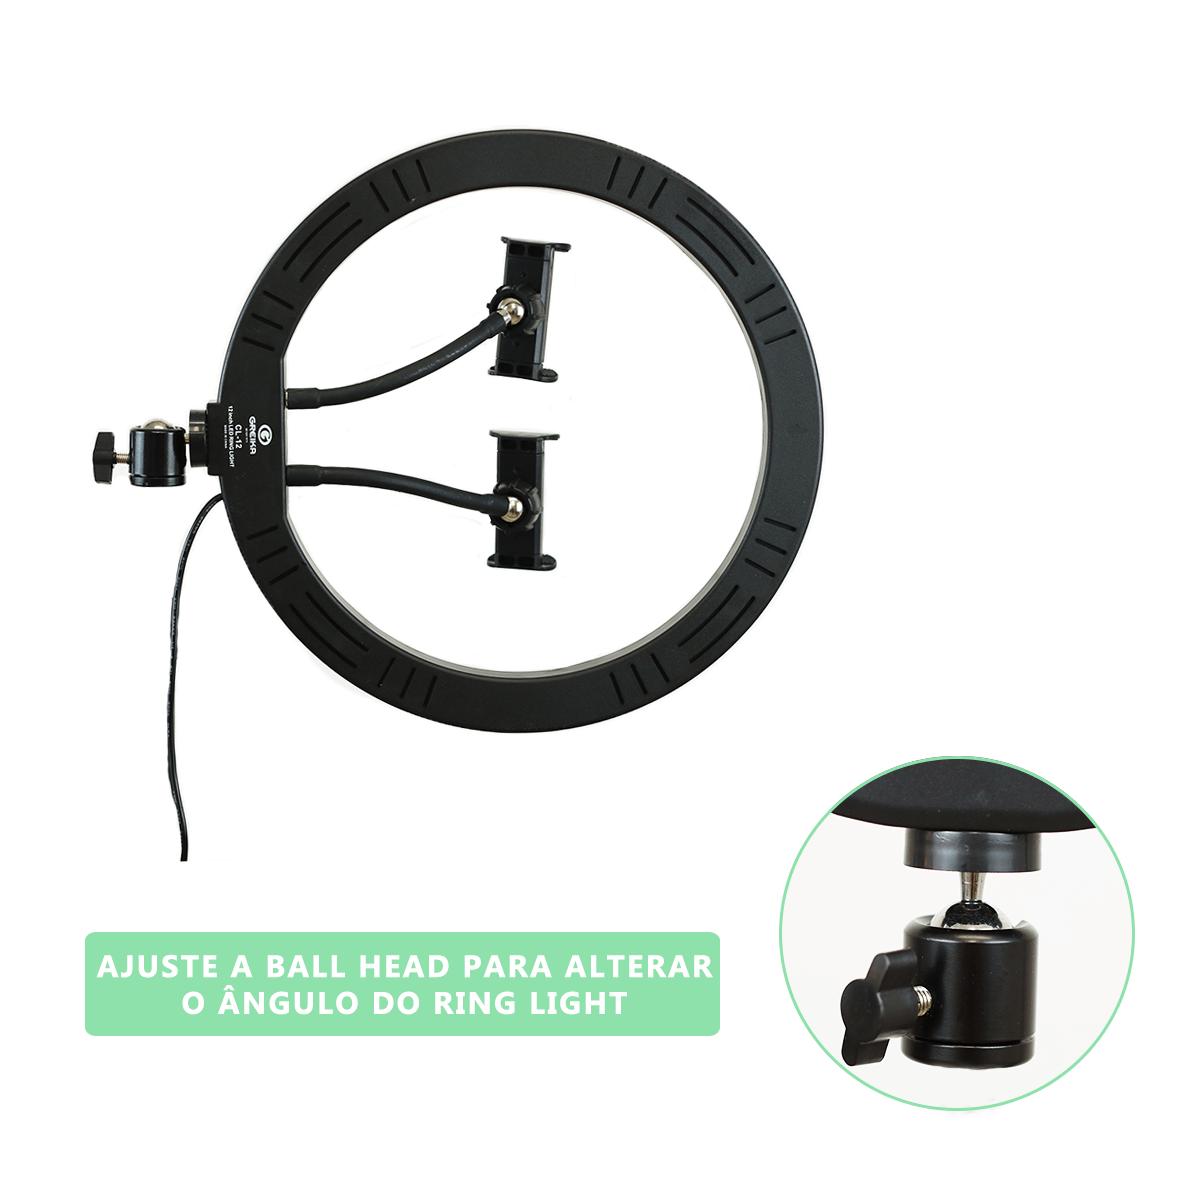 Ring Light LED 30cm Iluminador para Foto e Vídeo 10w com 2 Suporte para Celular (sem tripé)  - Fotolux